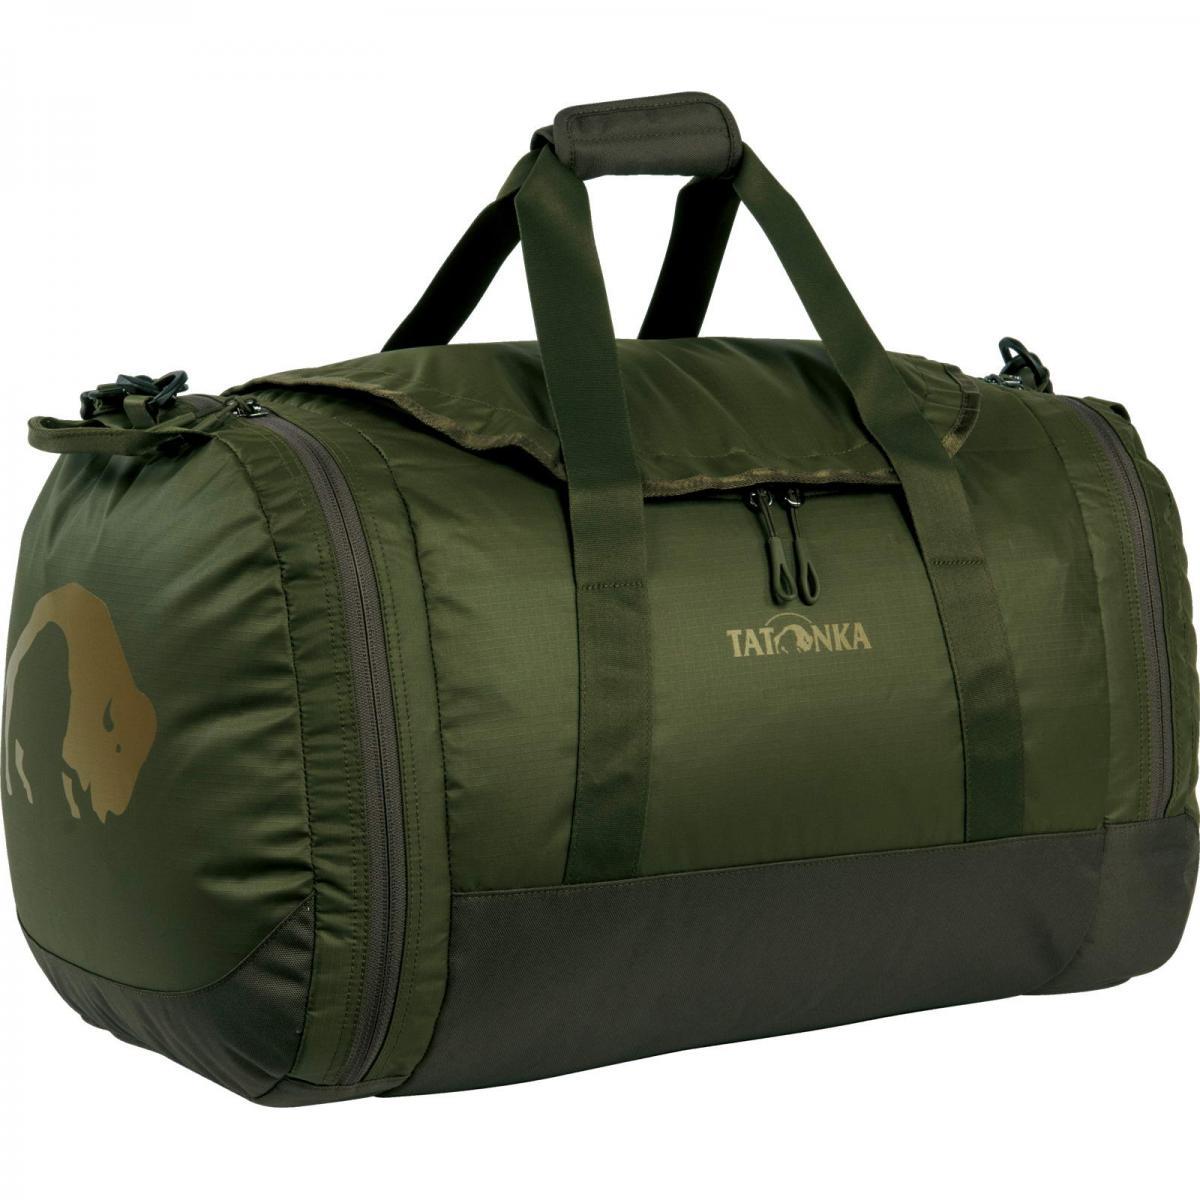 Сумка Tatonka Travel Duffle L oliveСумка Travel Duffle легко складывается в свой боковой карман, становится плоской и таким образом она компактно размещается в любом багаже. Сумка оснащена прочными ручками в центральной части и длинной ручкой на плечо. По бокам расположены два просторных кармана. При своем объеме в 55 литров сумка достаточно легкая (720г), но при это чрезвычайно прочная.<br><br><br>Съемная ручка через плечо<br><br>Боковые ручки<br><br>Во внутренней части - карман на молнии<br><br>Два боковых кармана на молнии<br><br>Крючок для ключей в боковом кармане<br><br>Возможность компактно сложить сумку<br><br>Размер в сложенном виде 34x35x8 см<br><br>Вес кг: 0.80000000